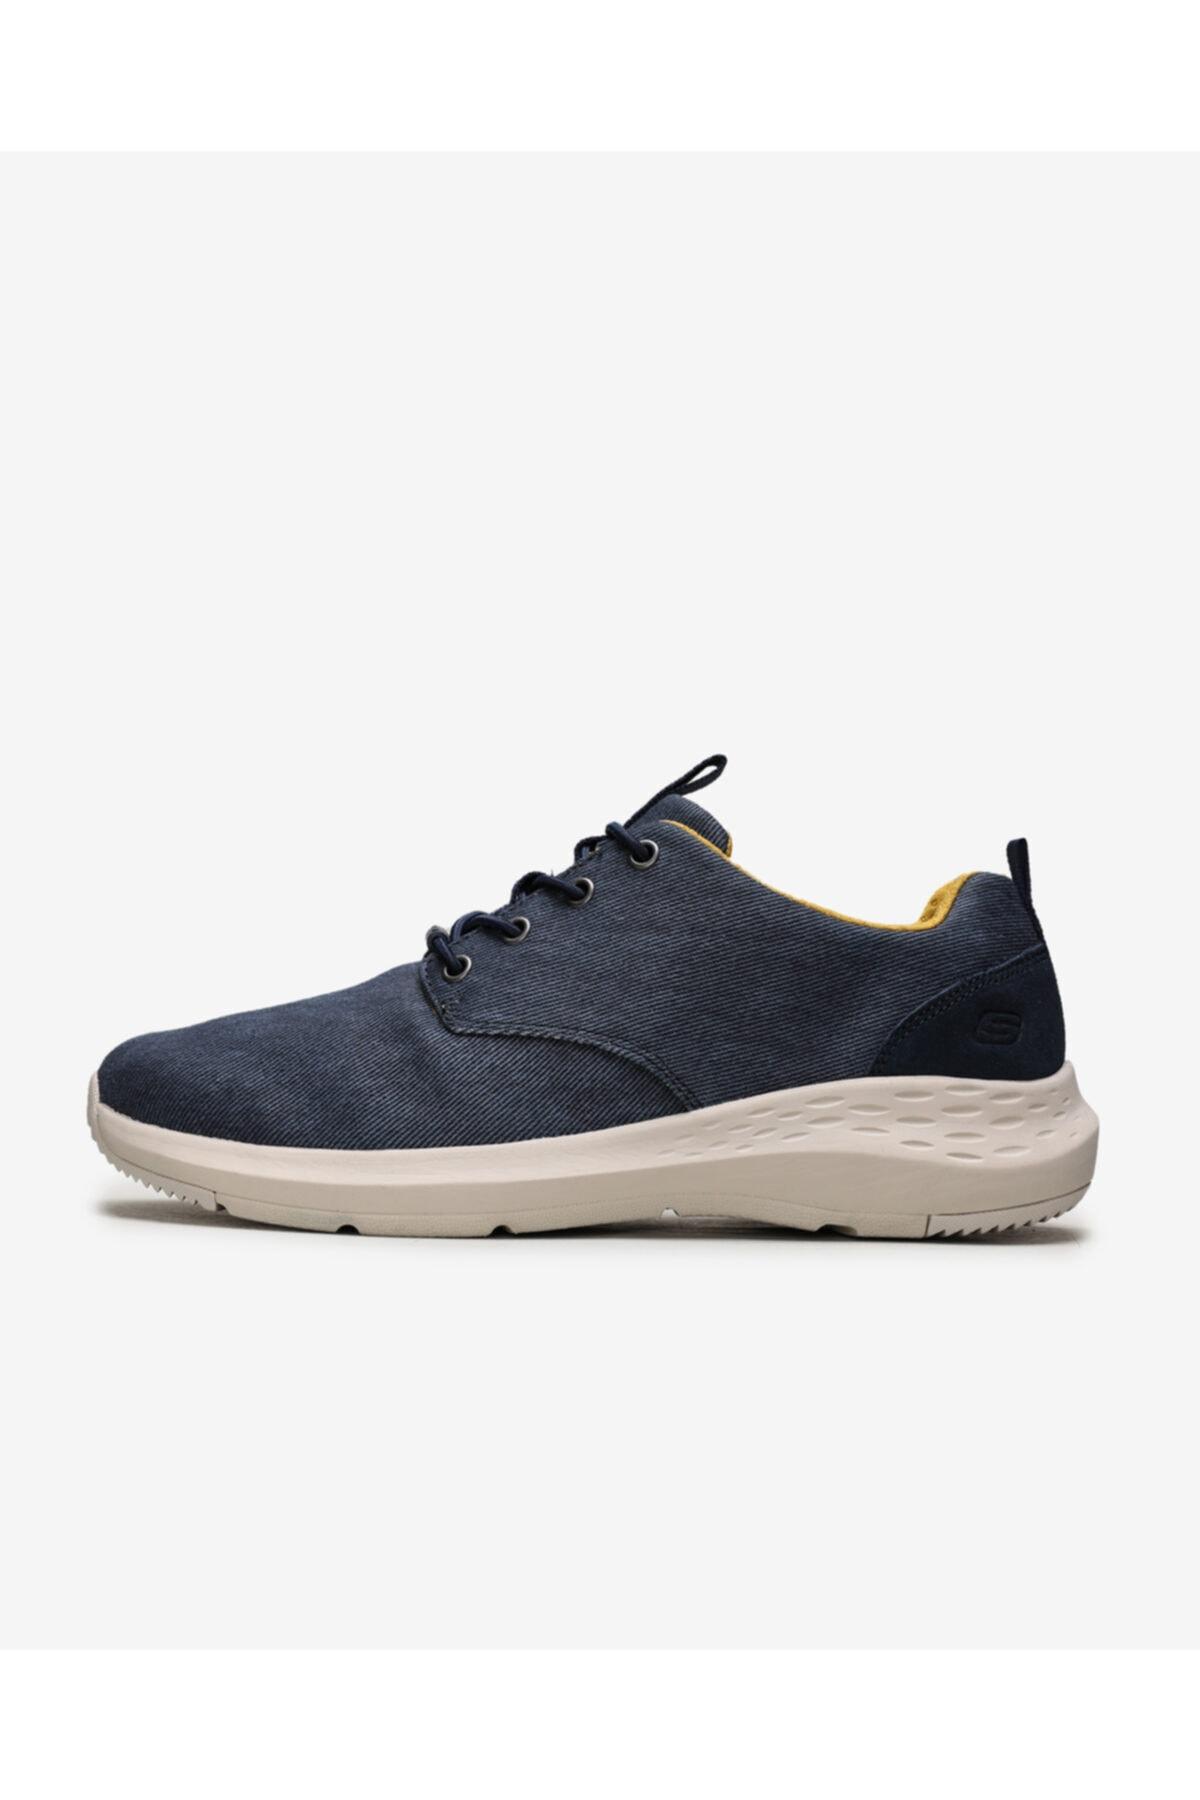 SKECHERS PARSON Erkek Mavi Günlük Ayakkabı 66005 BLU 2